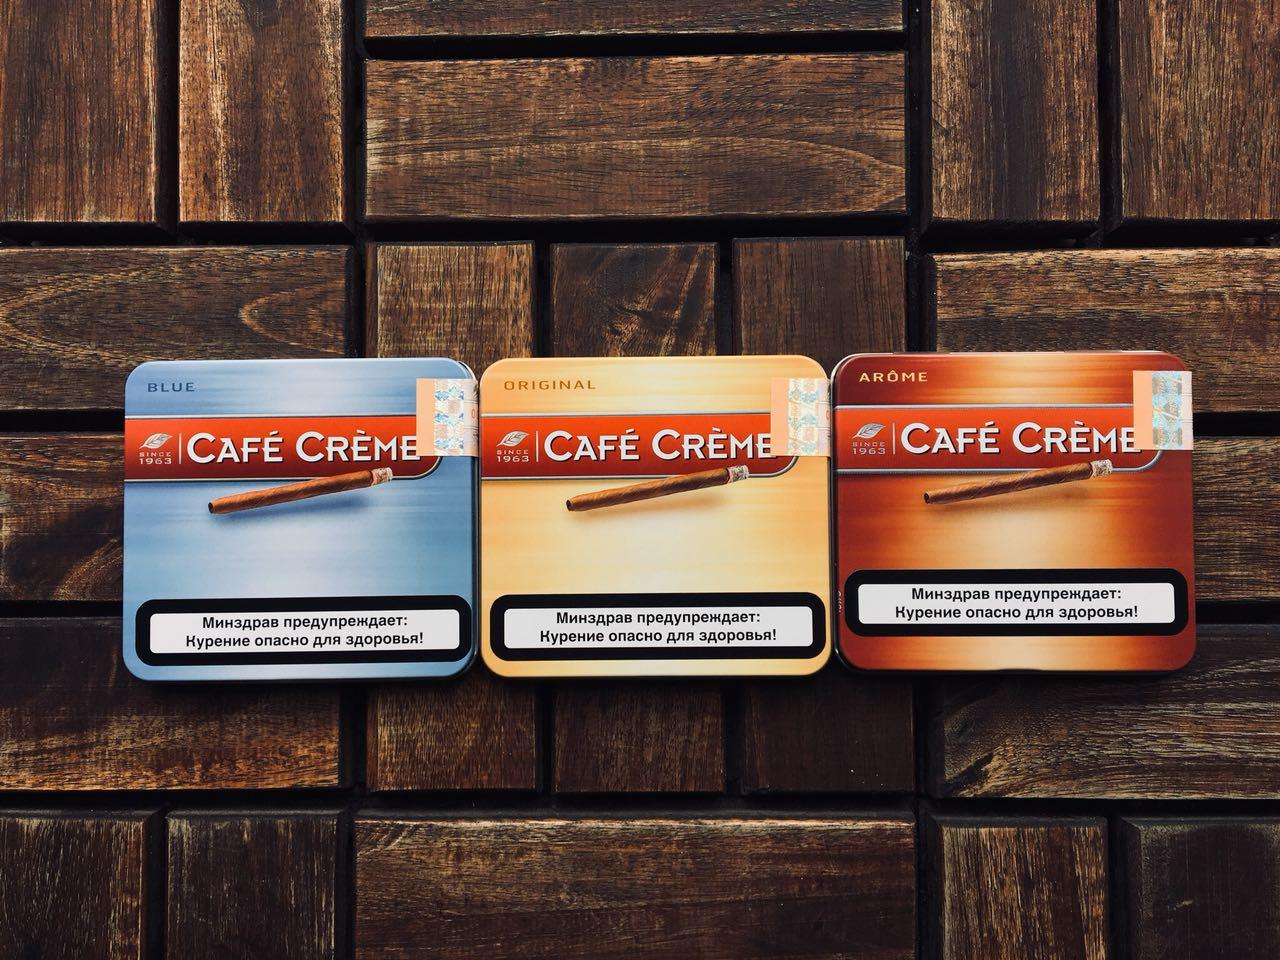 сигареты cafe creme купить